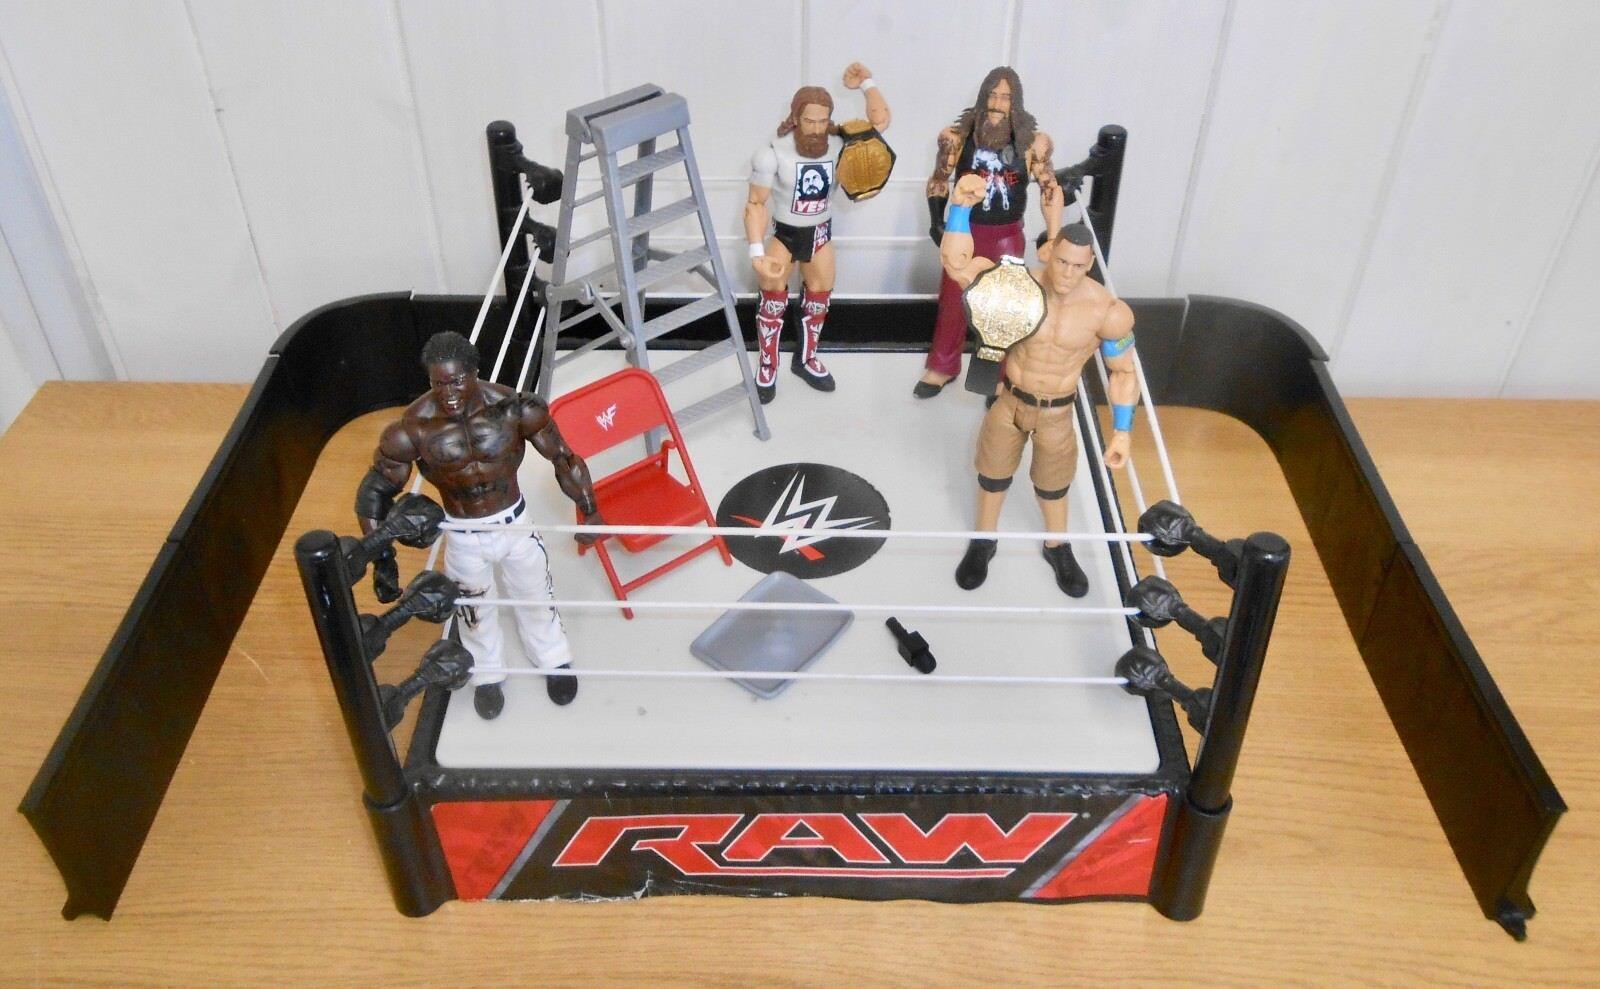 WWE-CATCH bague & accessoires  Play Set avec John Cena & Daniel Bryan figures  vente chaude en ligne